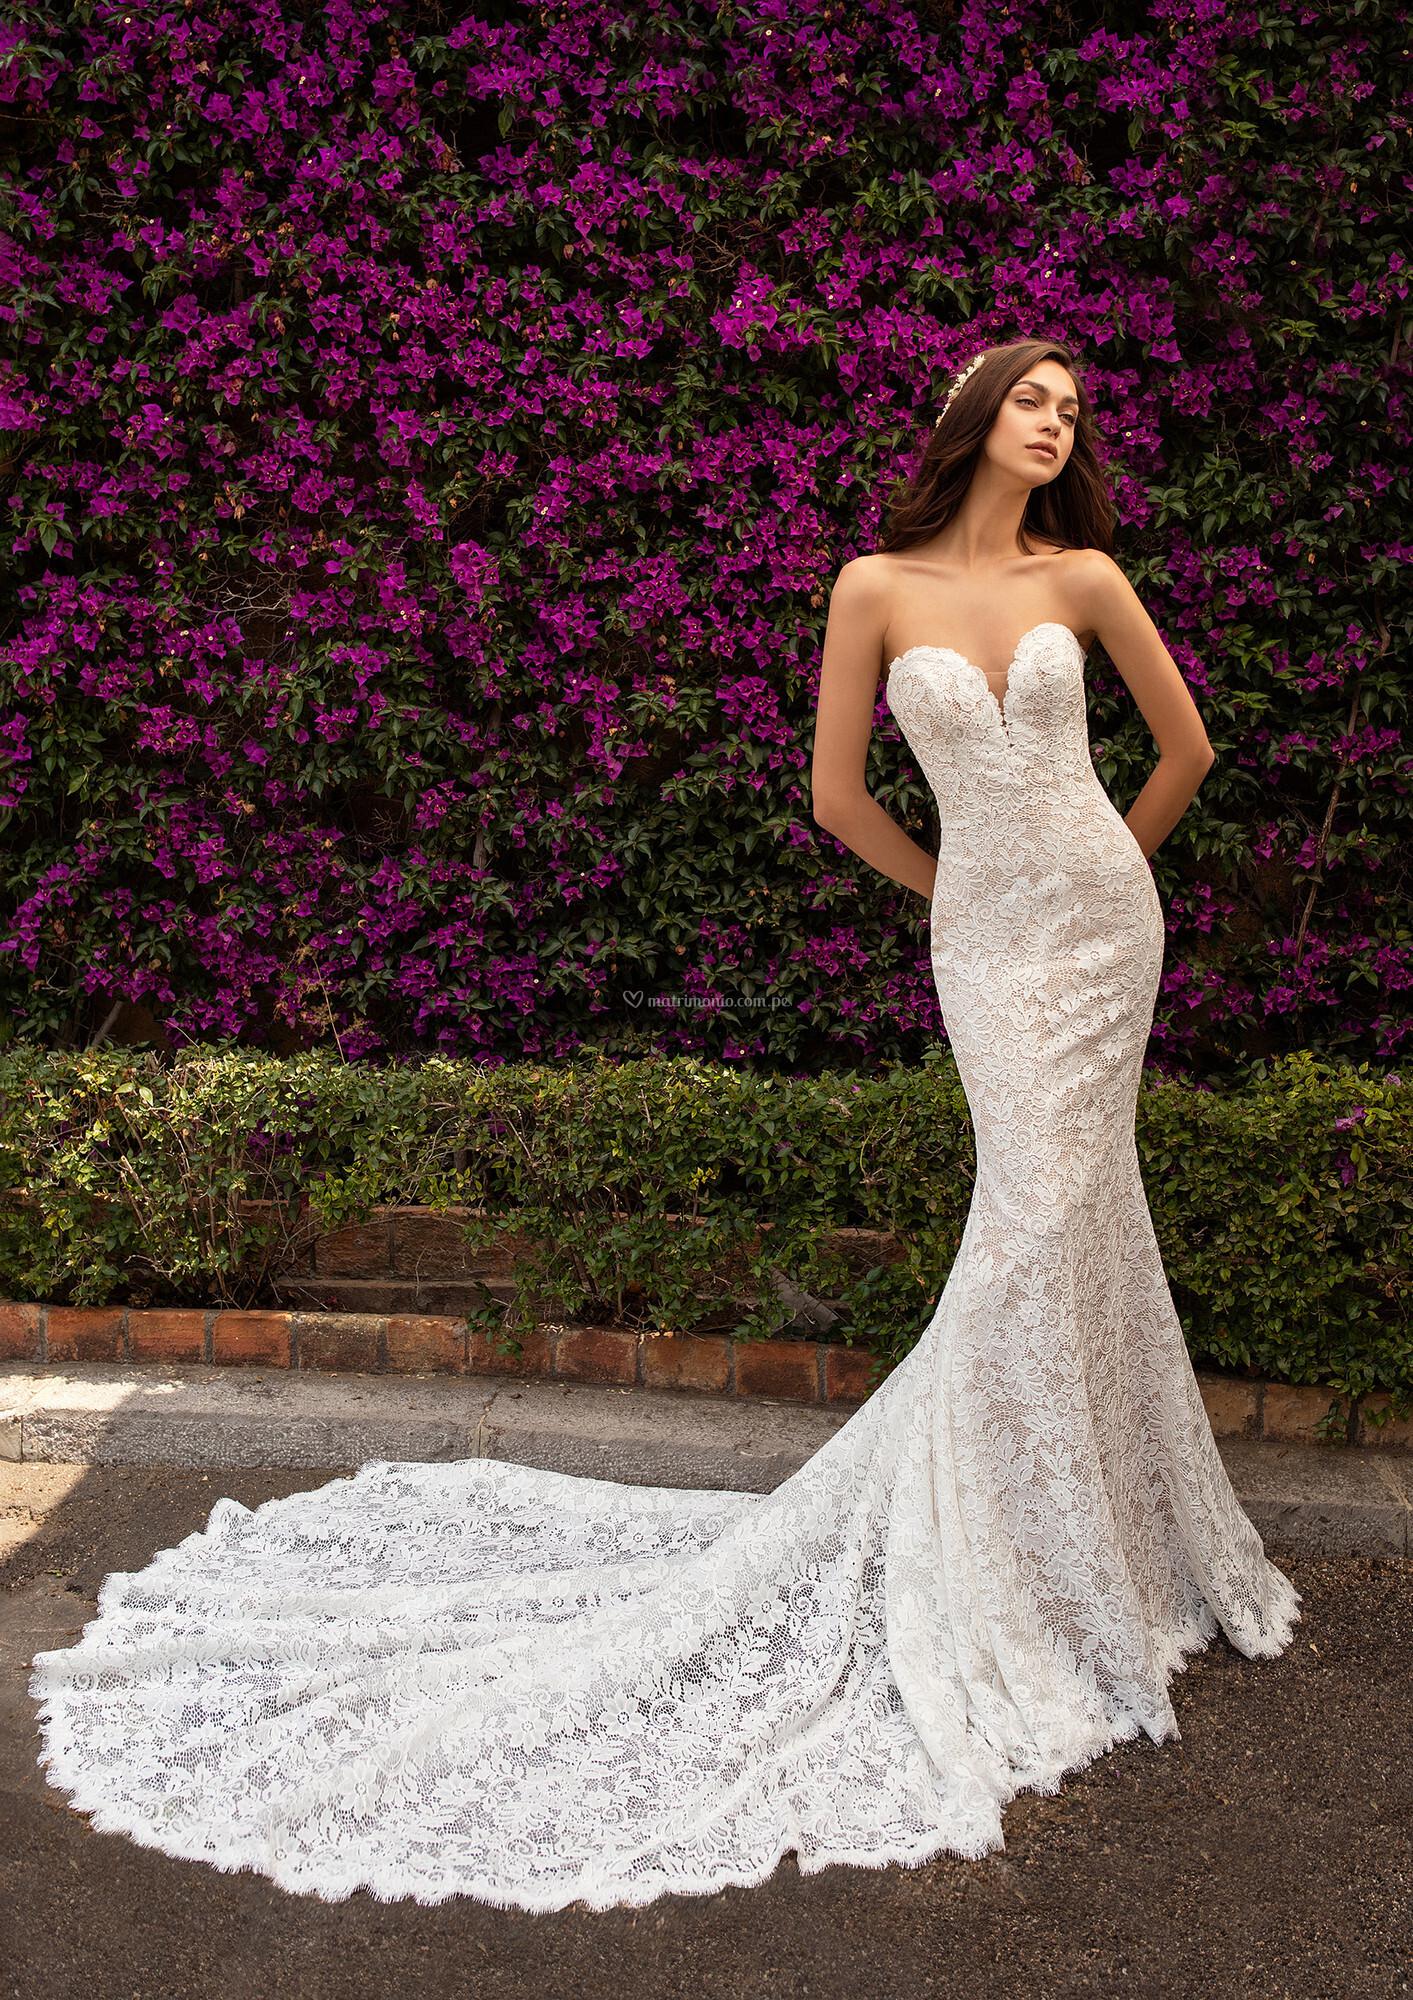 Vestido de novia en corte sirena ¡Déjate conquistar! 😍 1